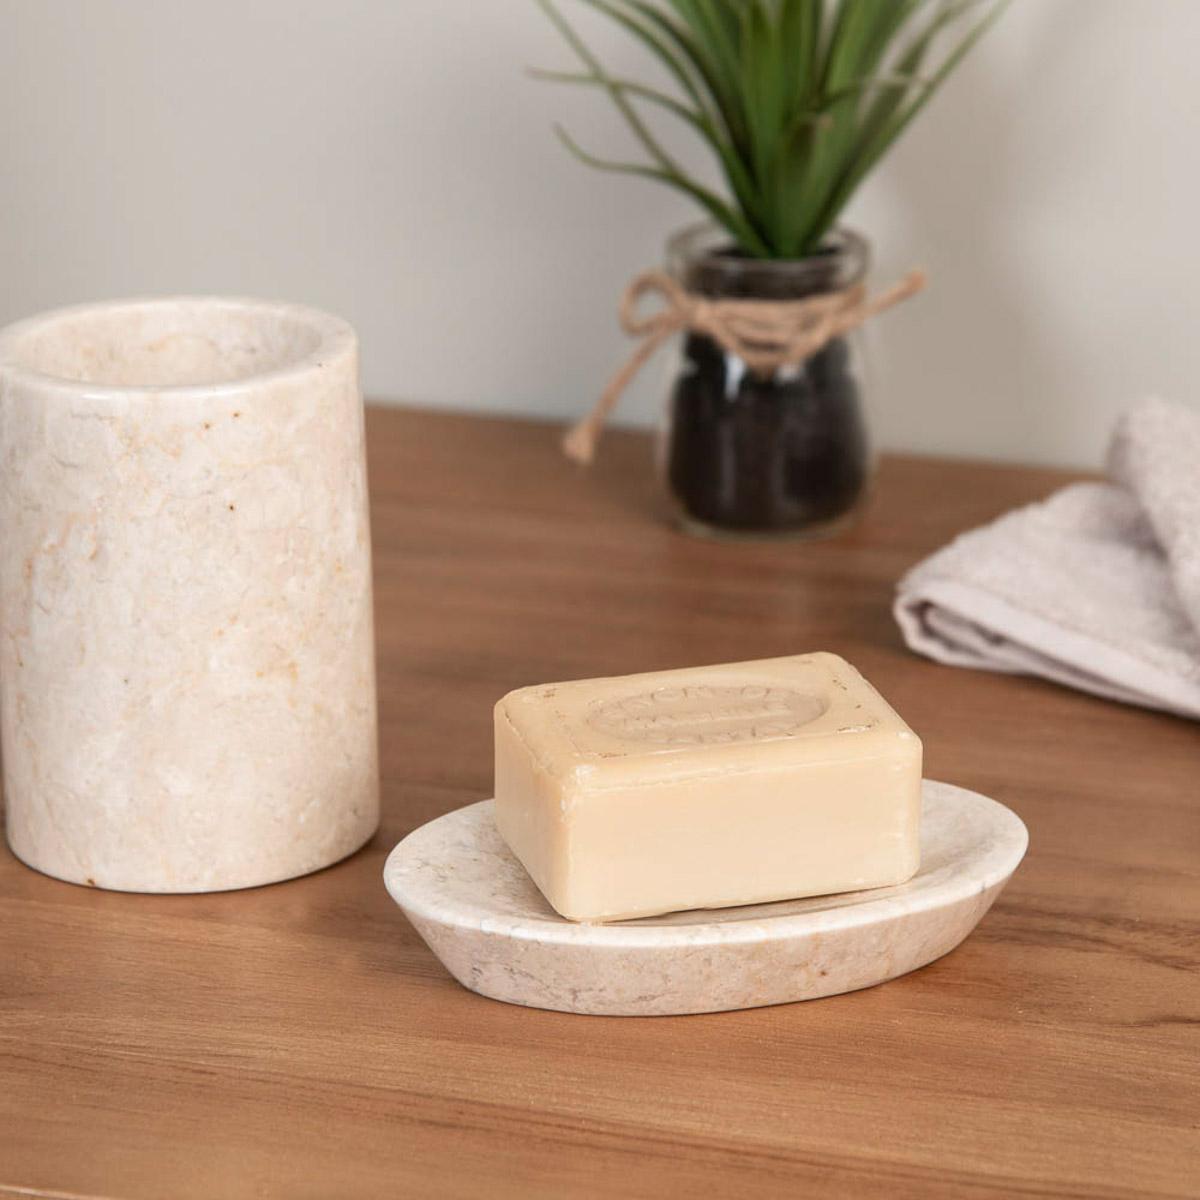 Gobelet porte savon de salle de bain en marbre cr me for Meuble porte gobelet